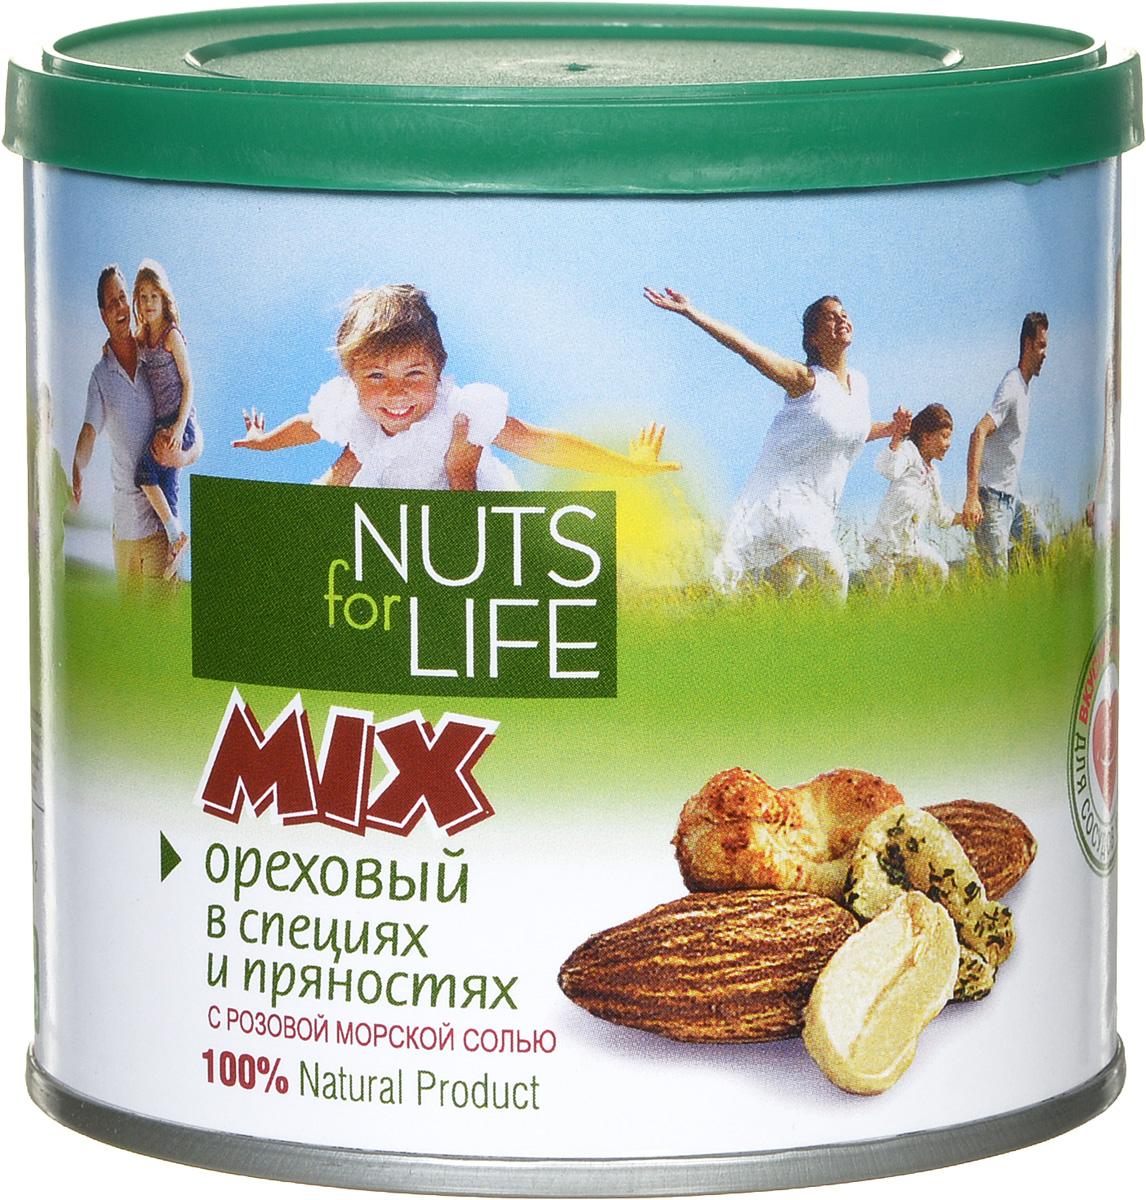 Nuts for Life Микс ореховый в специях и пряностях, 115 гU921002Ядра высококачественного обжаренного миндаля, ароматный кешью с натуральным испанским томатом, арахис с чесноком и пряностями в сочетании с розовой морской солью зарядят вас необходимой энергией и повысят жизненный тонус.